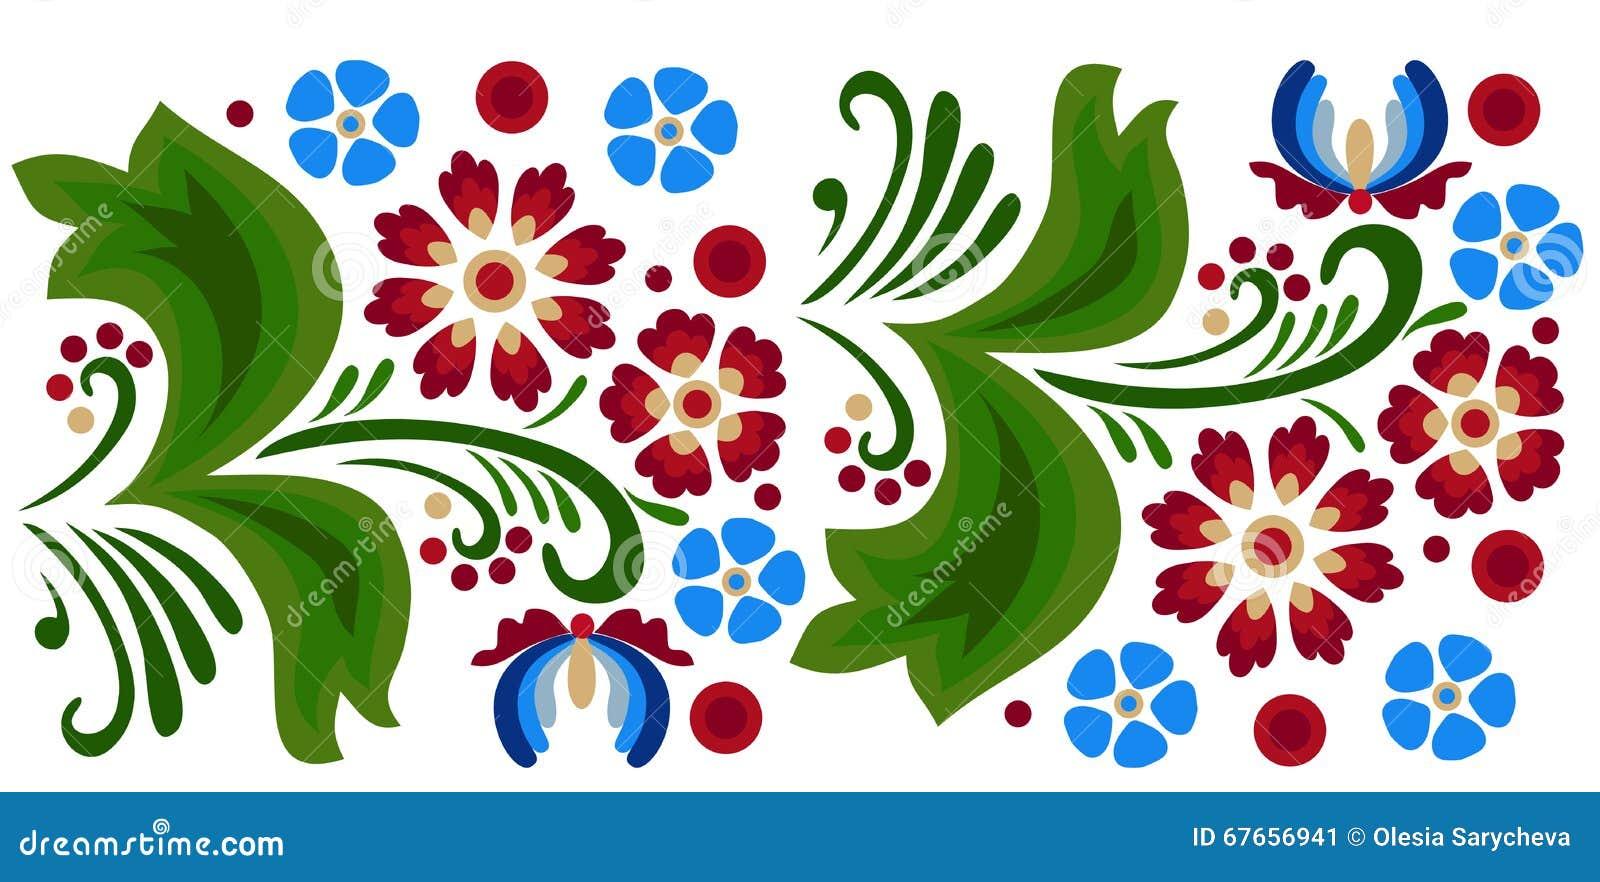 Folk-pattern2